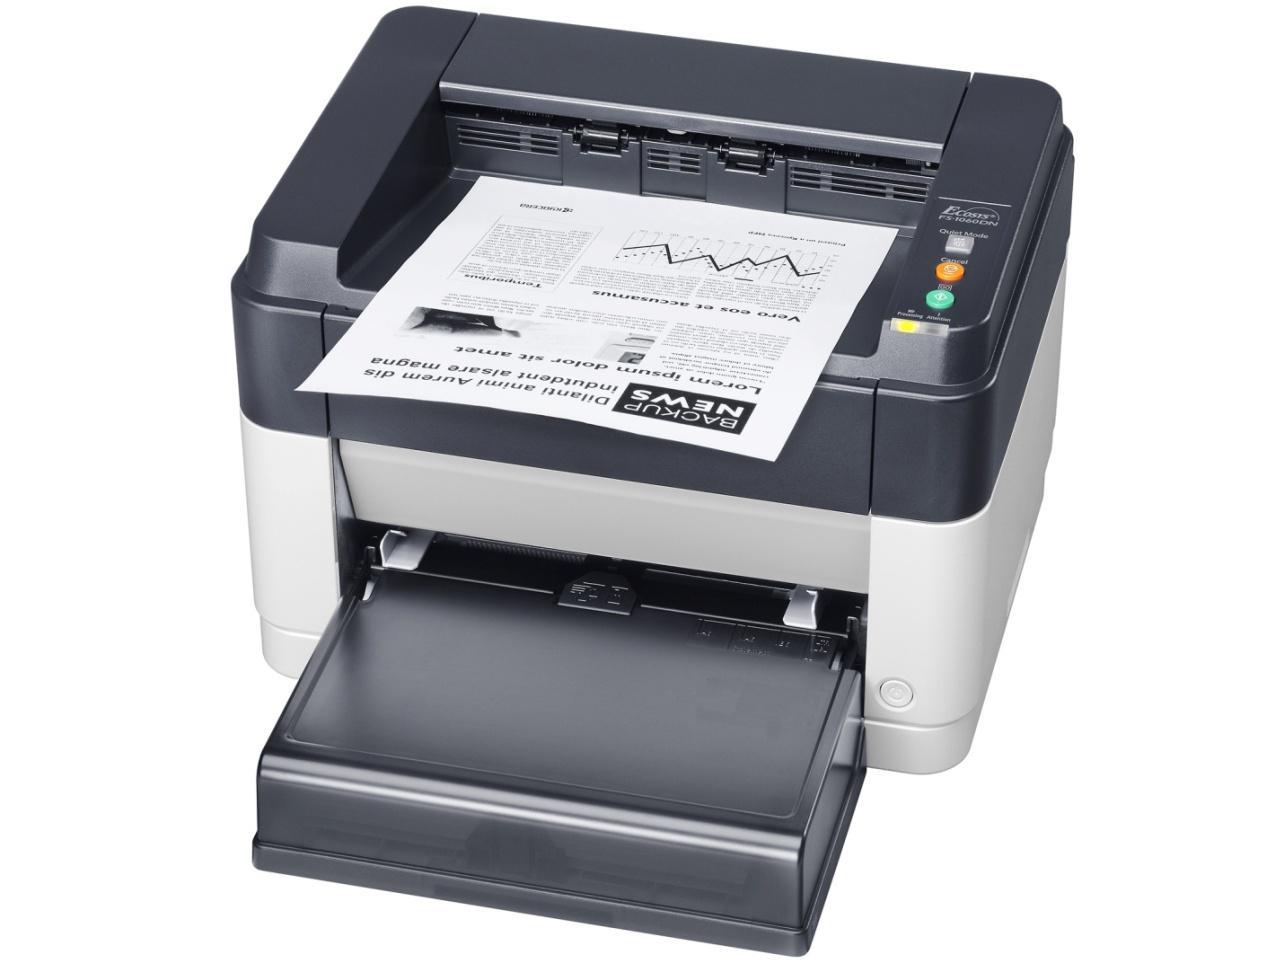 Заправка картриджа Kyocera TK-1110 для  FS-1040, FS-1020MFP, FS-1120MFP с заменой чипа